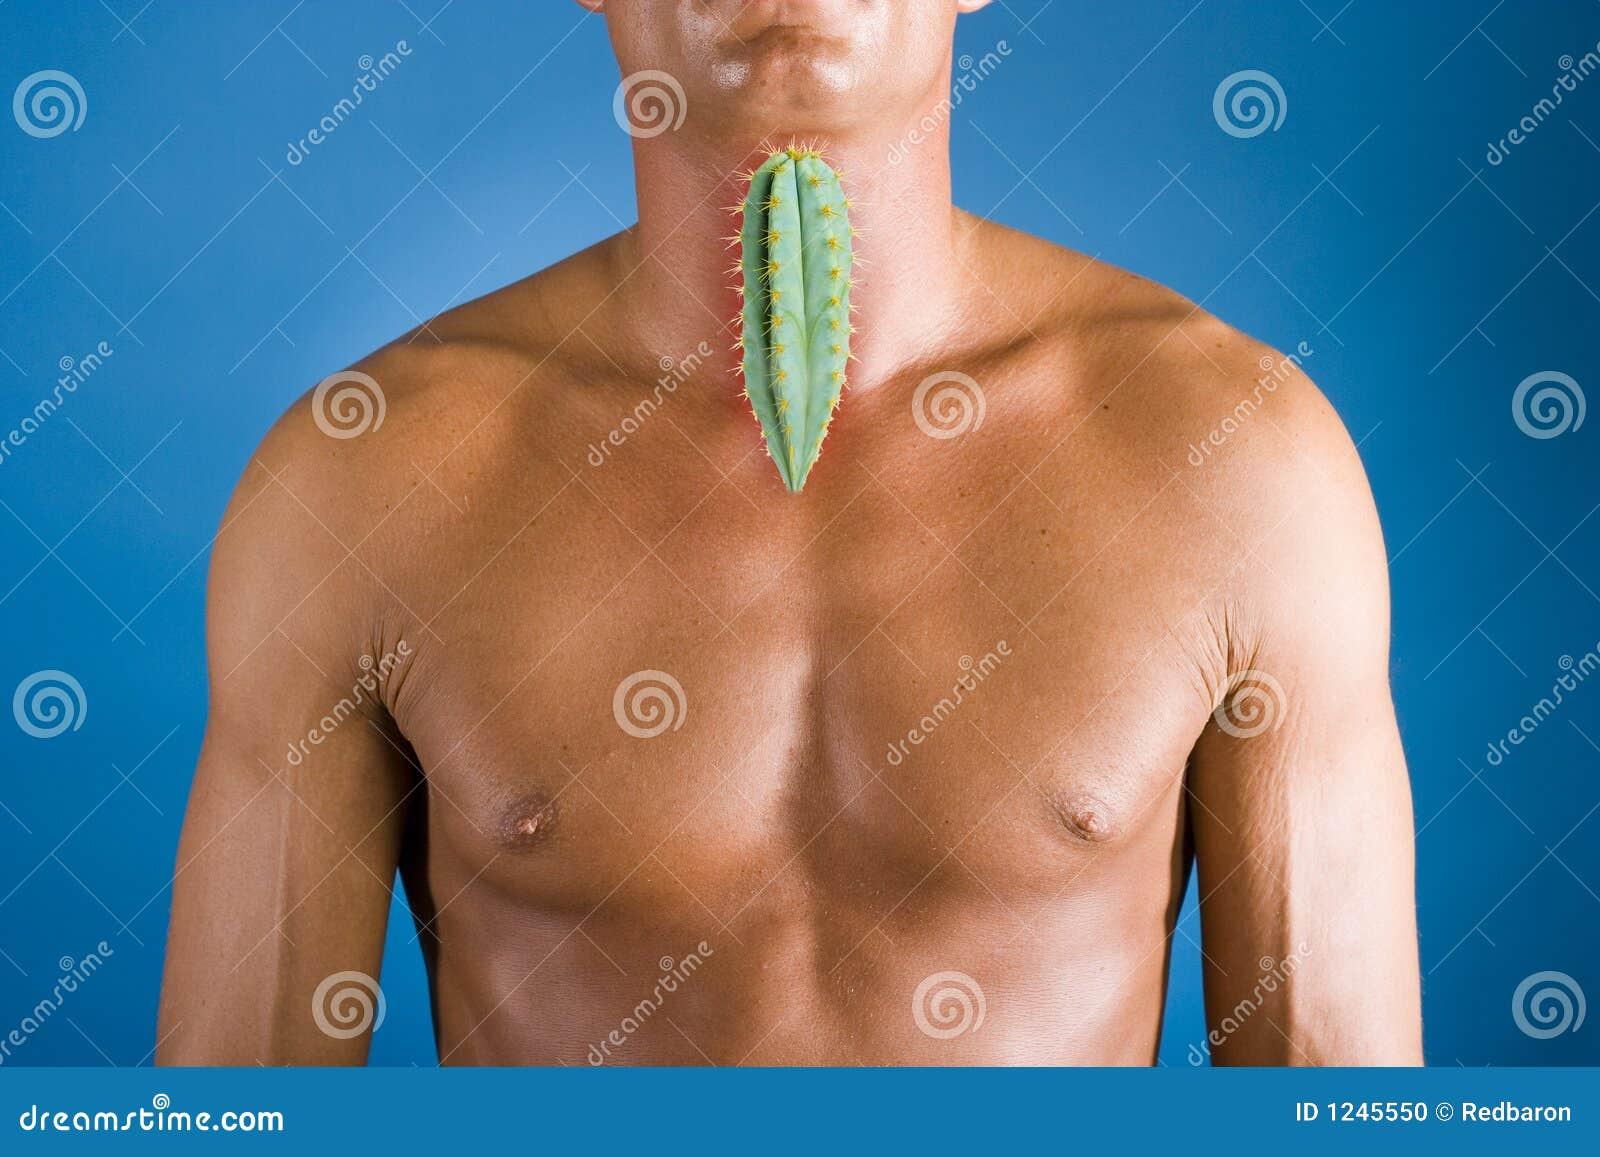 Throat extended